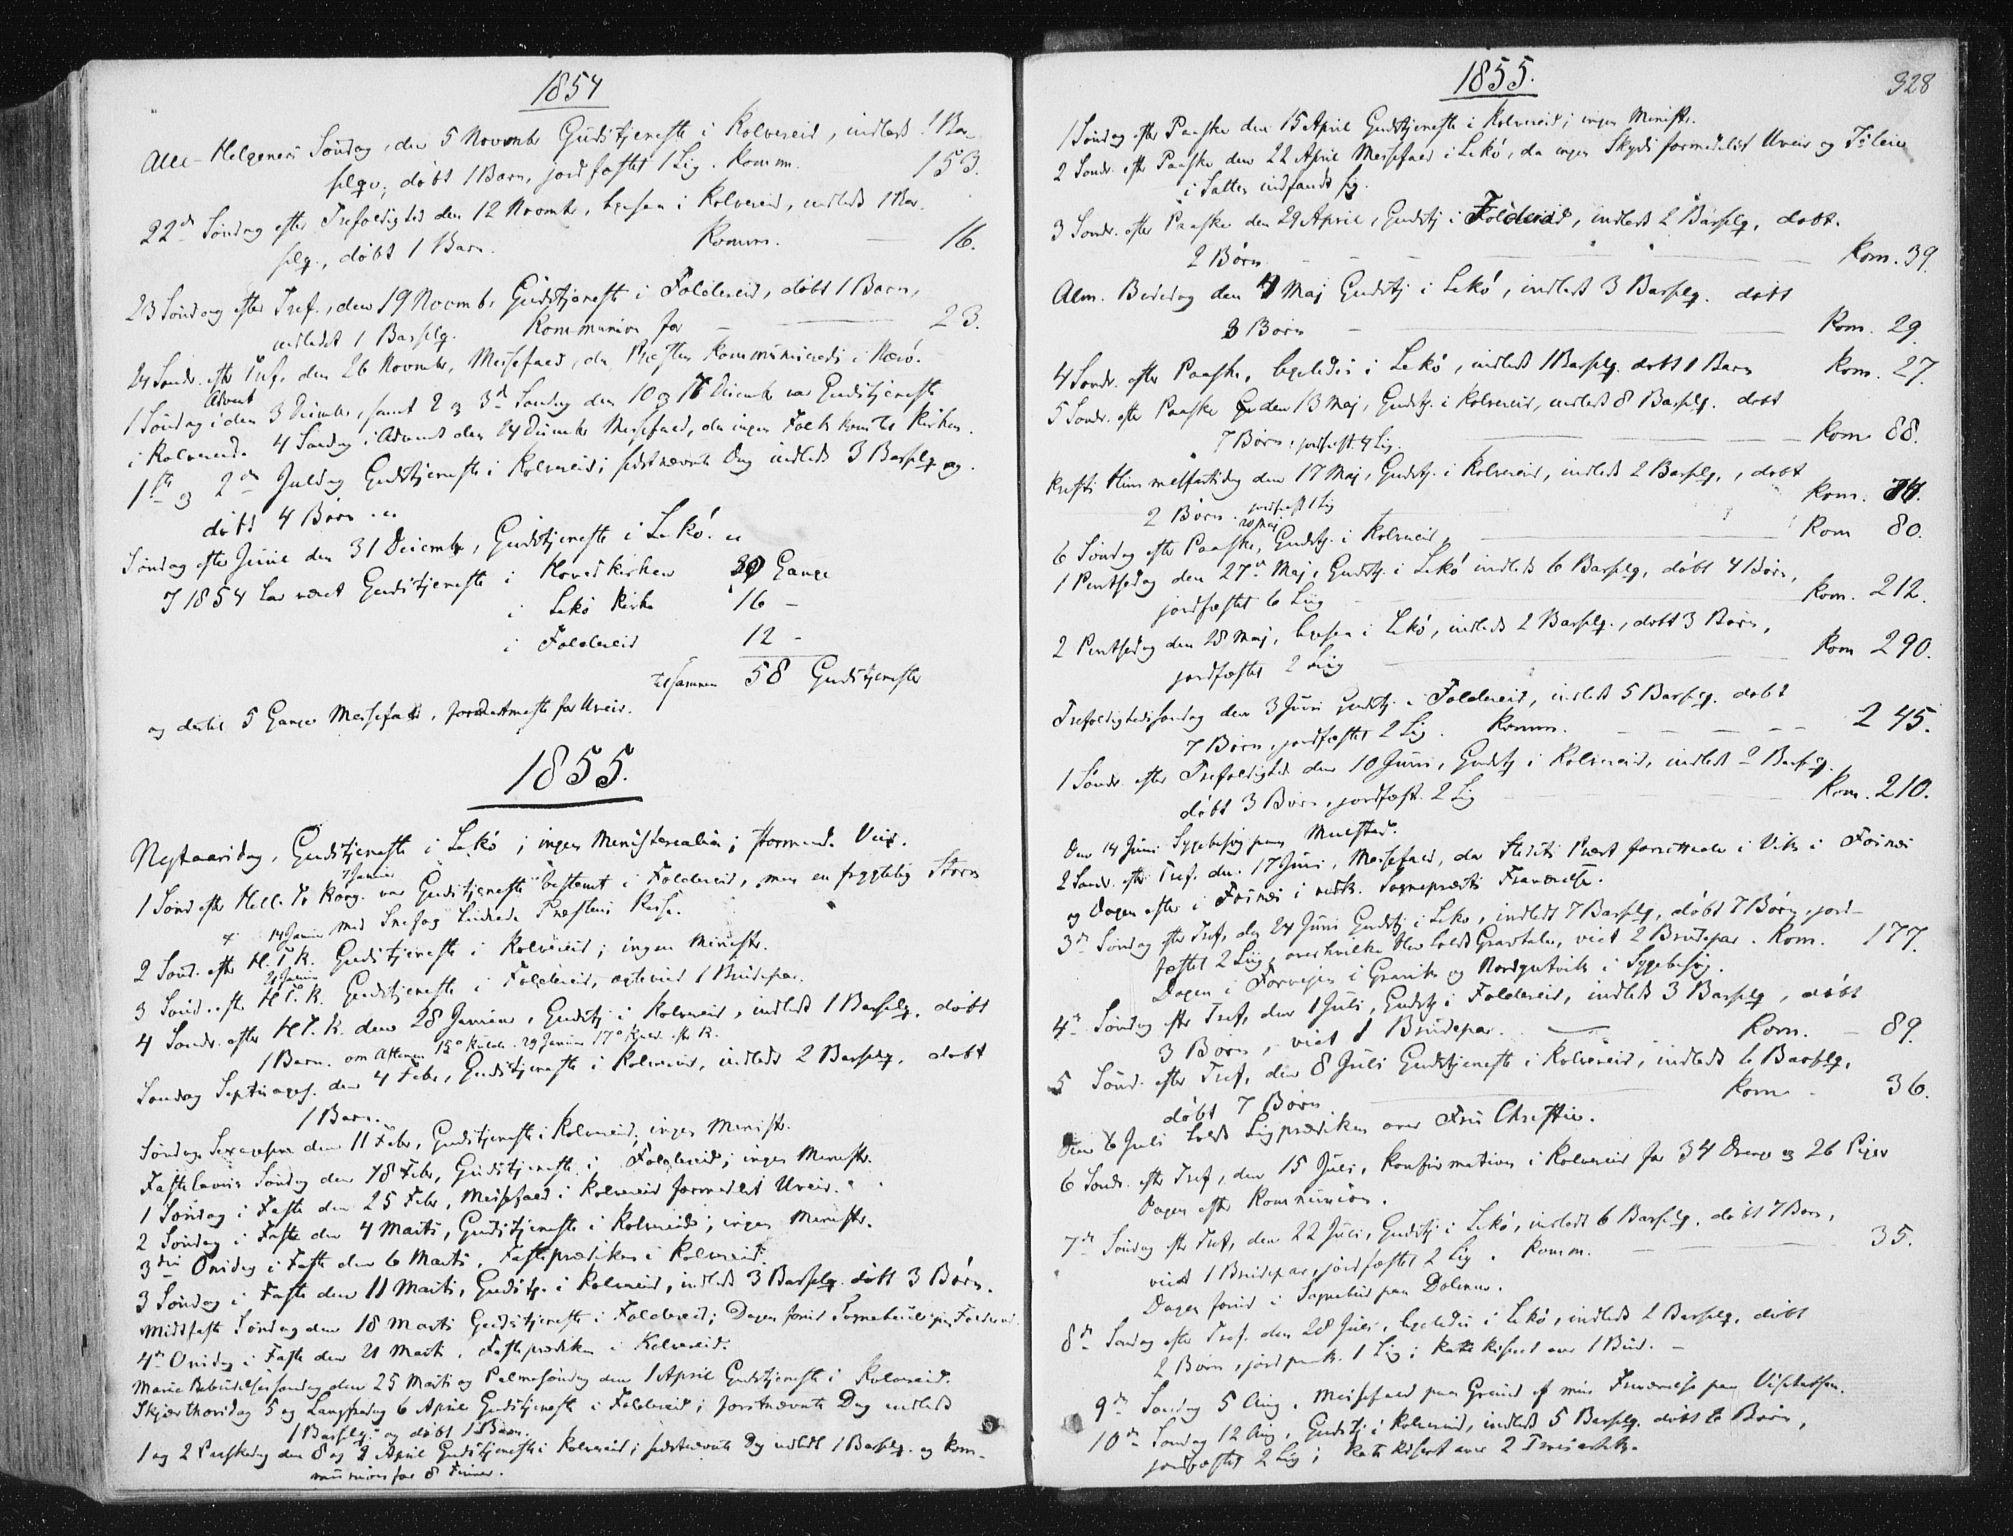 SAT, Ministerialprotokoller, klokkerbøker og fødselsregistre - Nord-Trøndelag, 780/L0640: Ministerialbok nr. 780A05, 1845-1856, s. 328